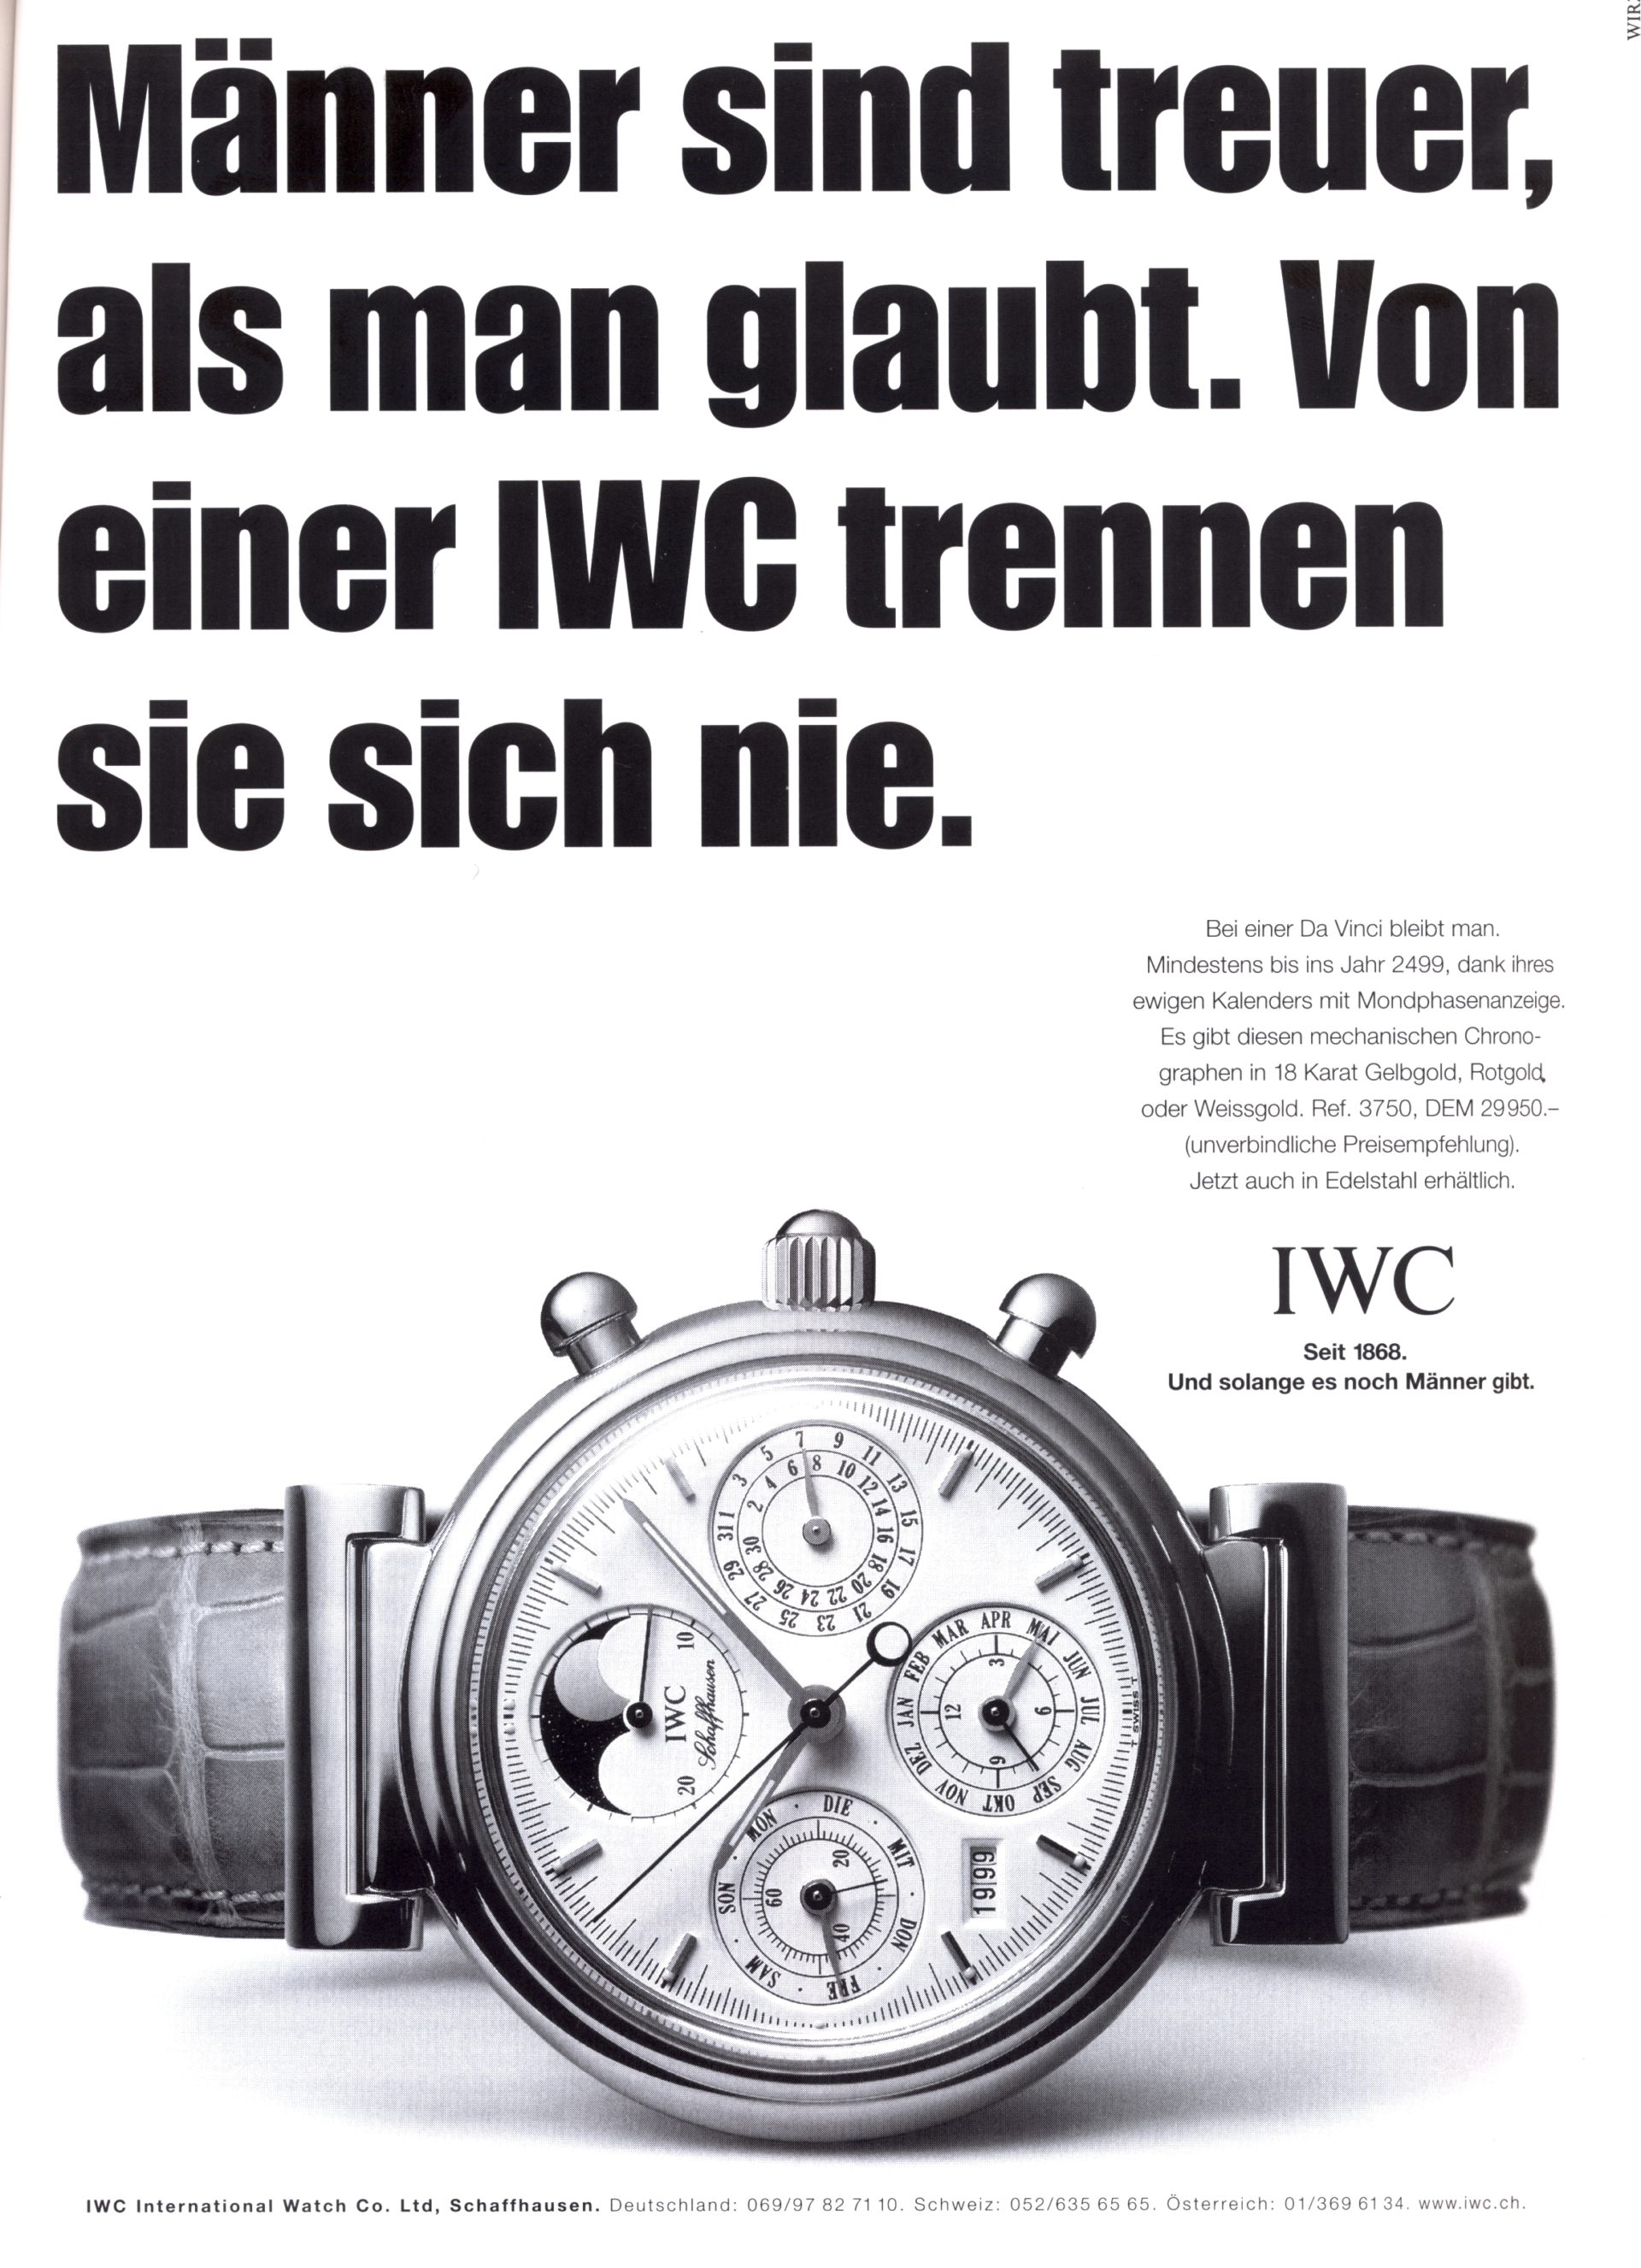 Ende der 90er Jahre positionierte sich IWC in Printanzeigen sehr männlich und nicht gerade political correct.